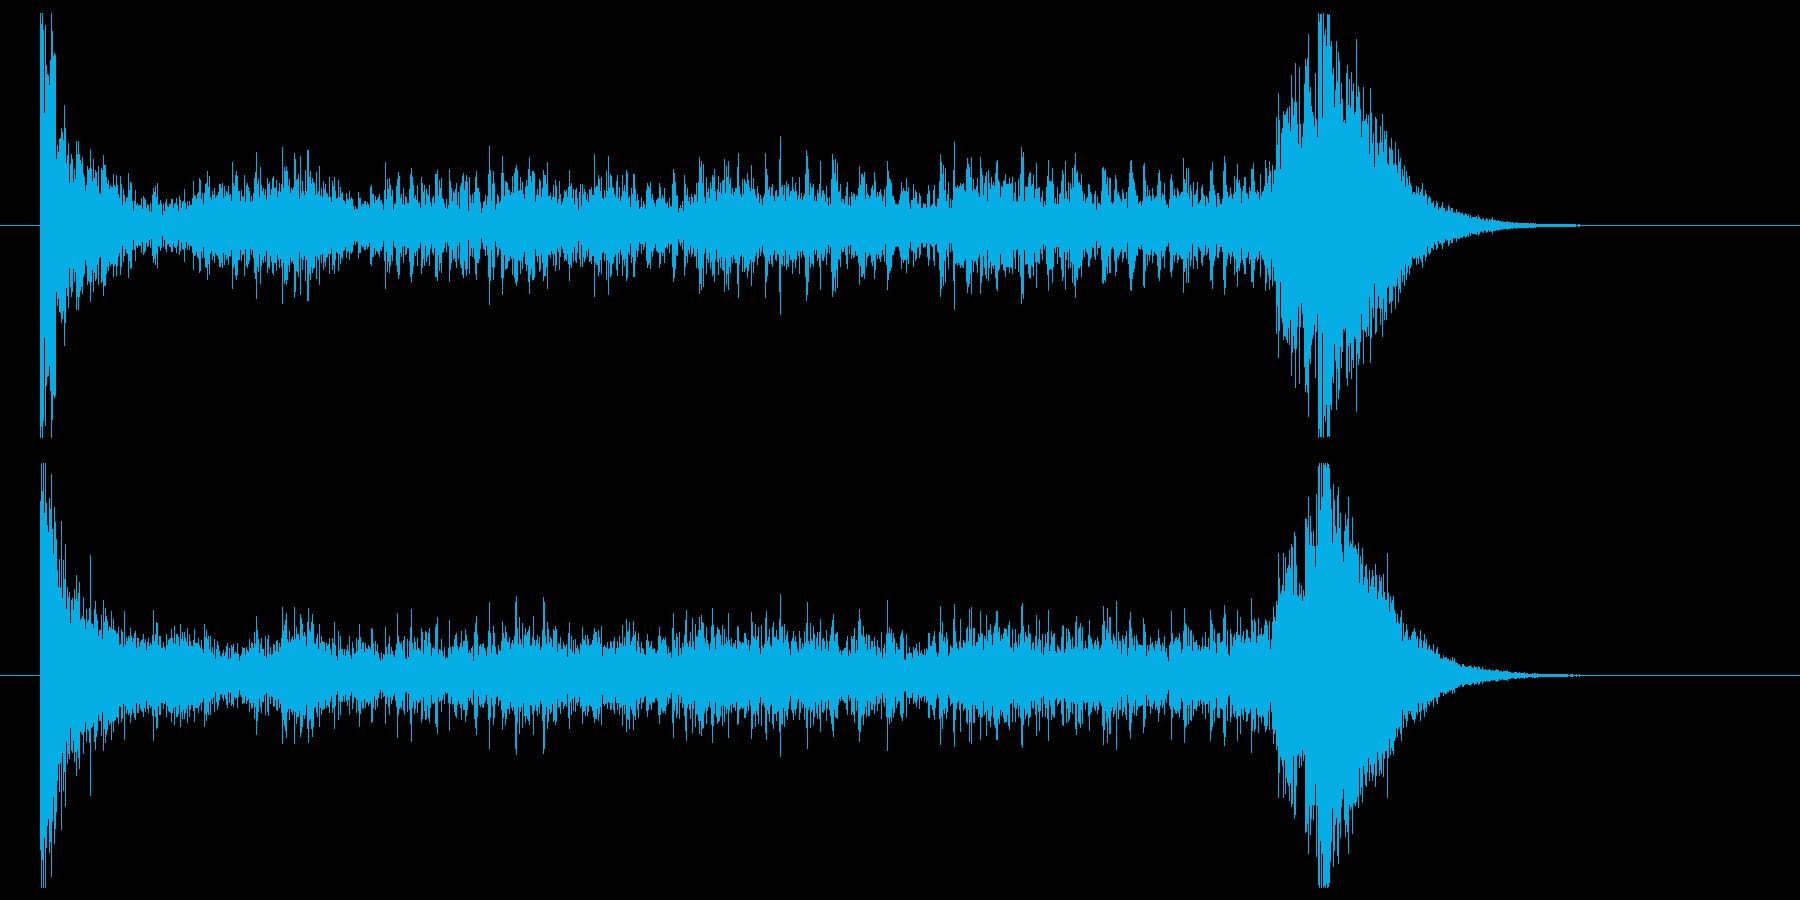 ティンパニーロール_シンバルあり(8秒)の再生済みの波形